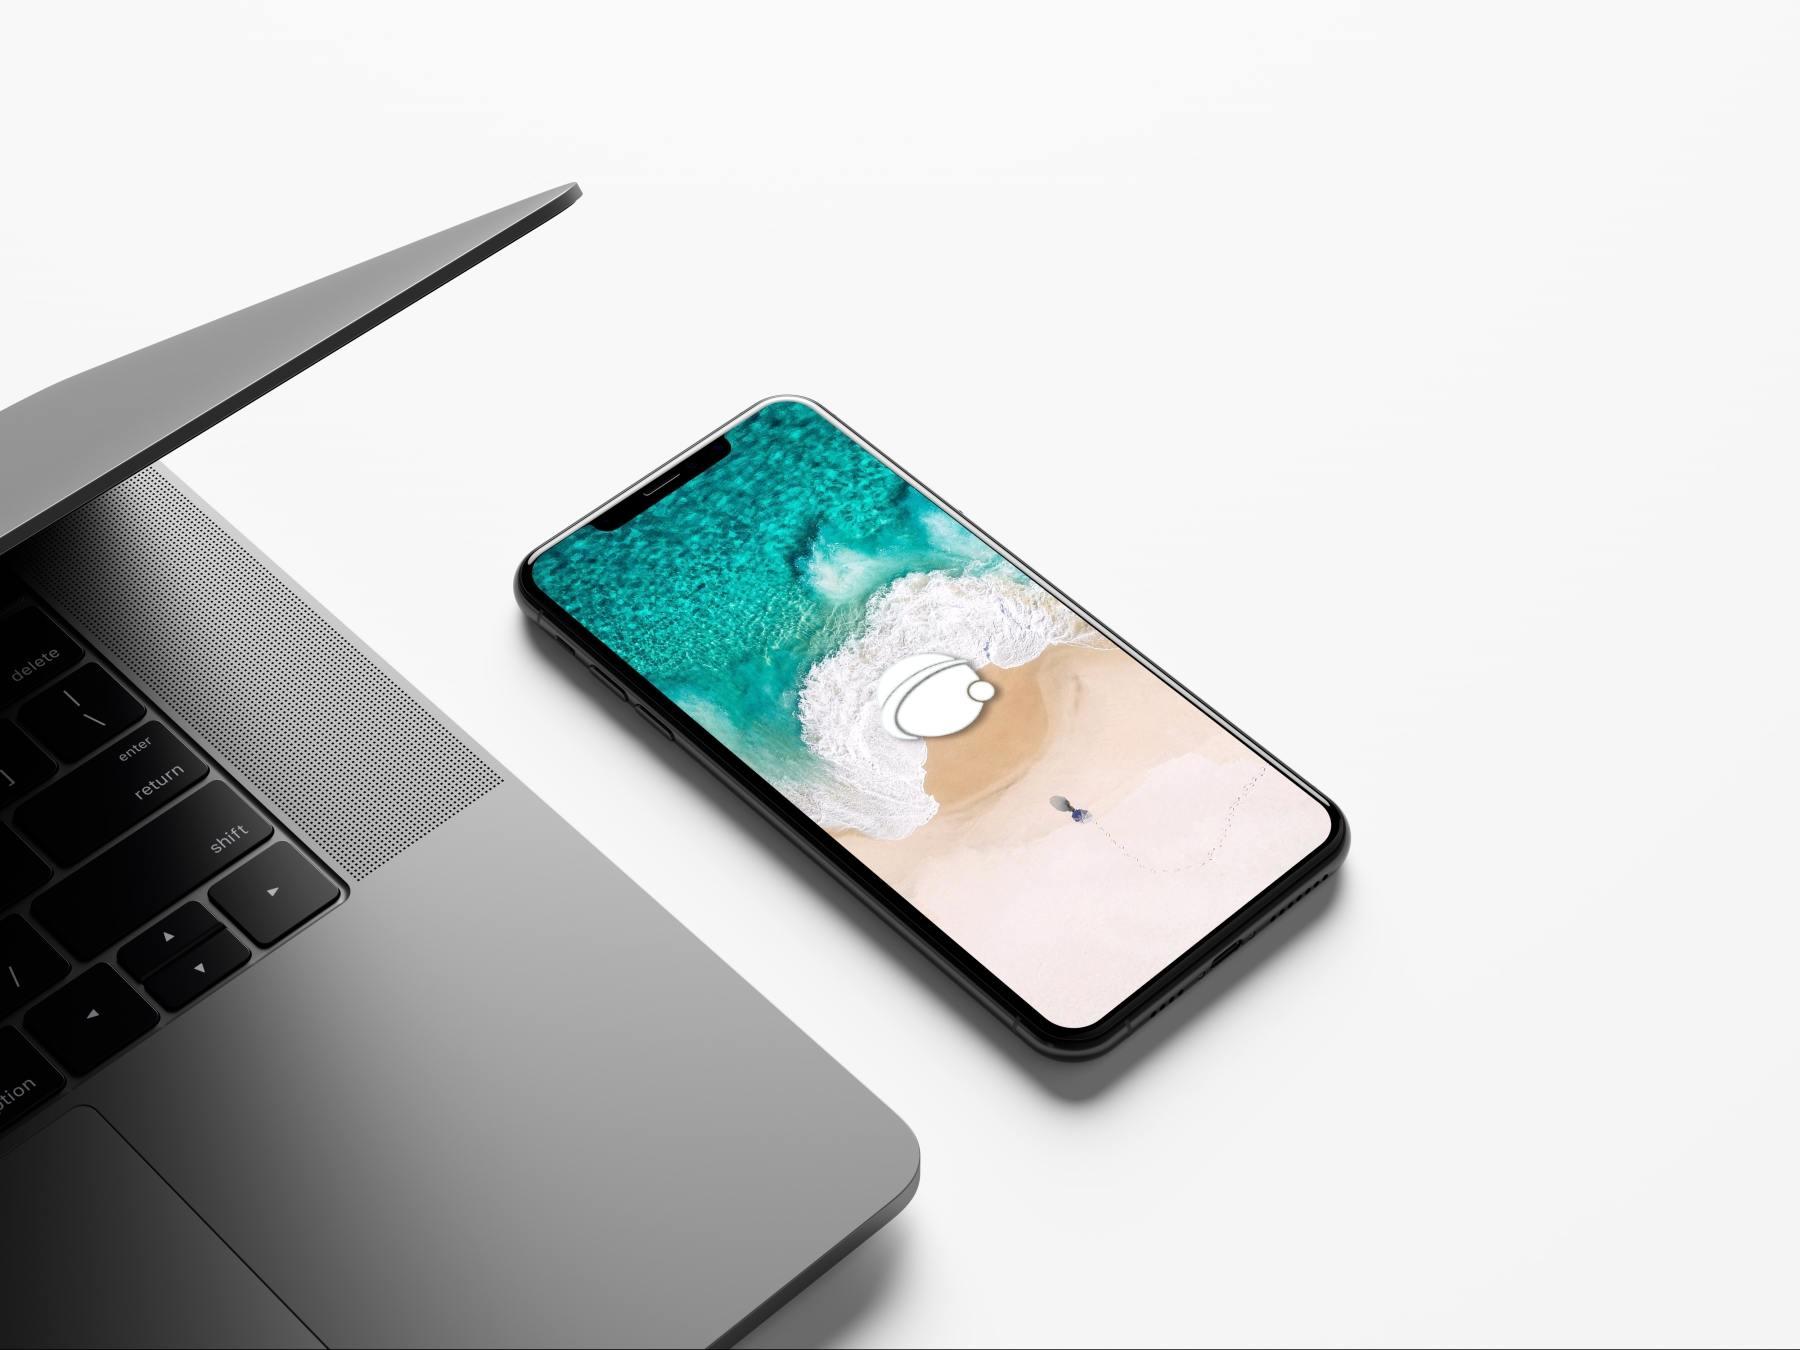 1569726941 e6967450f425676 - 苹果iPhoneX UI样机